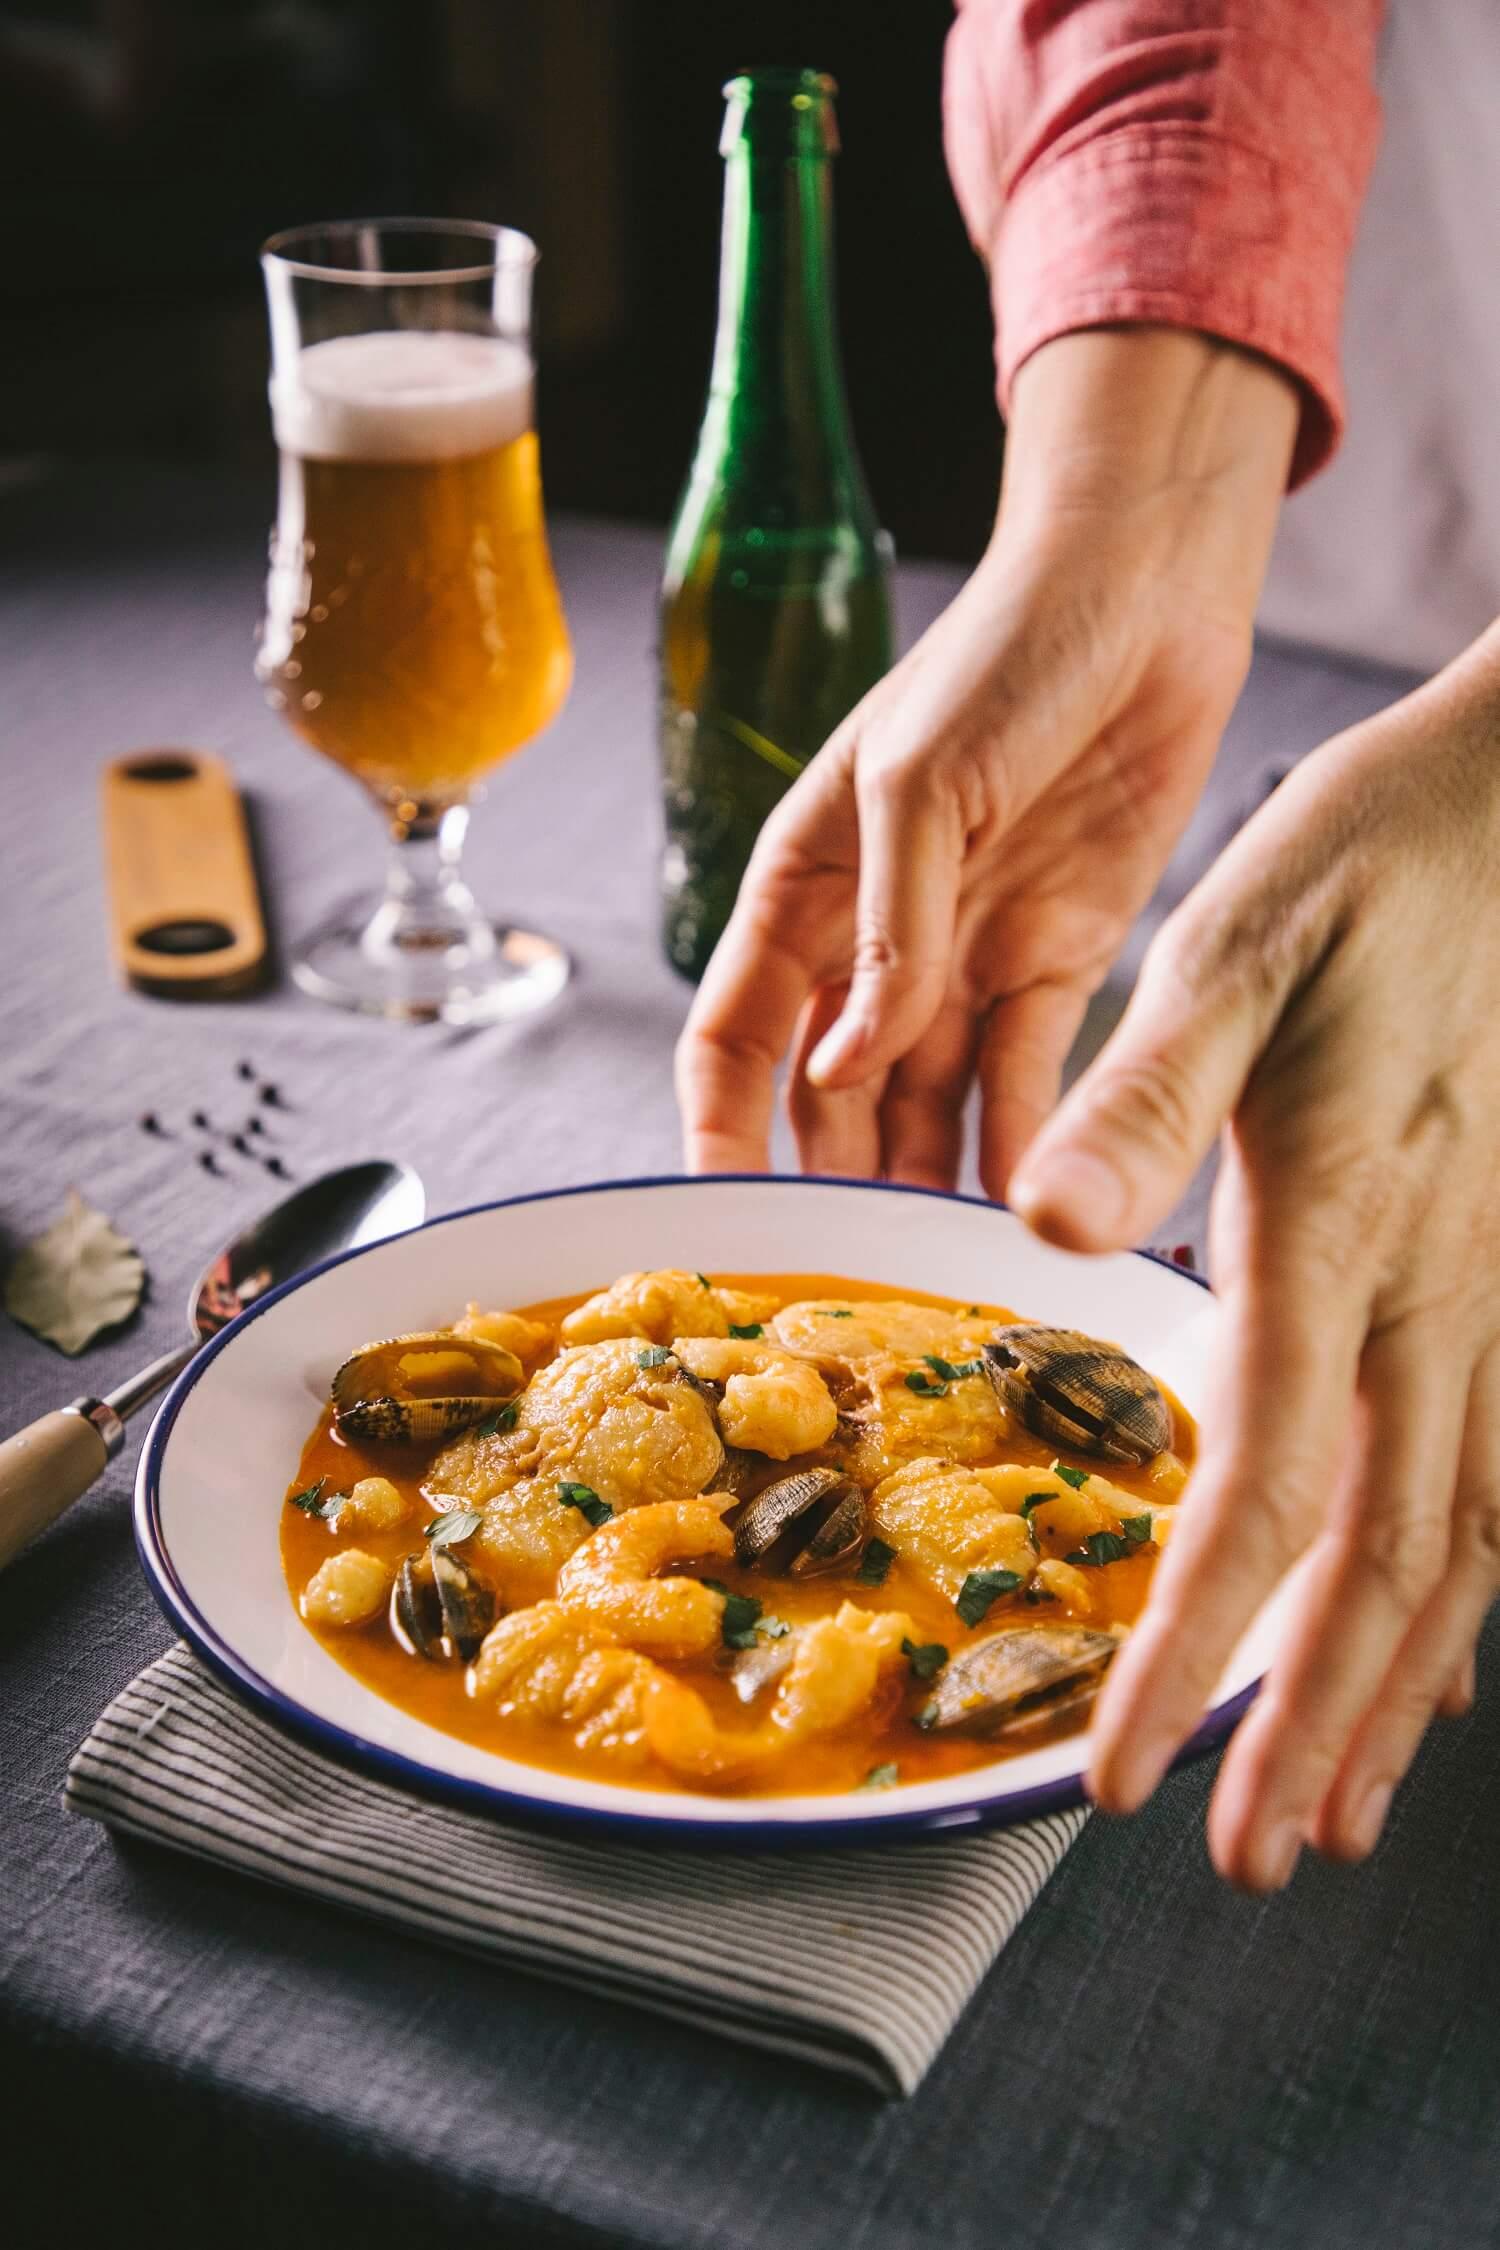 Cómo preparar una deliciosa sopa de pescado para 6 personas